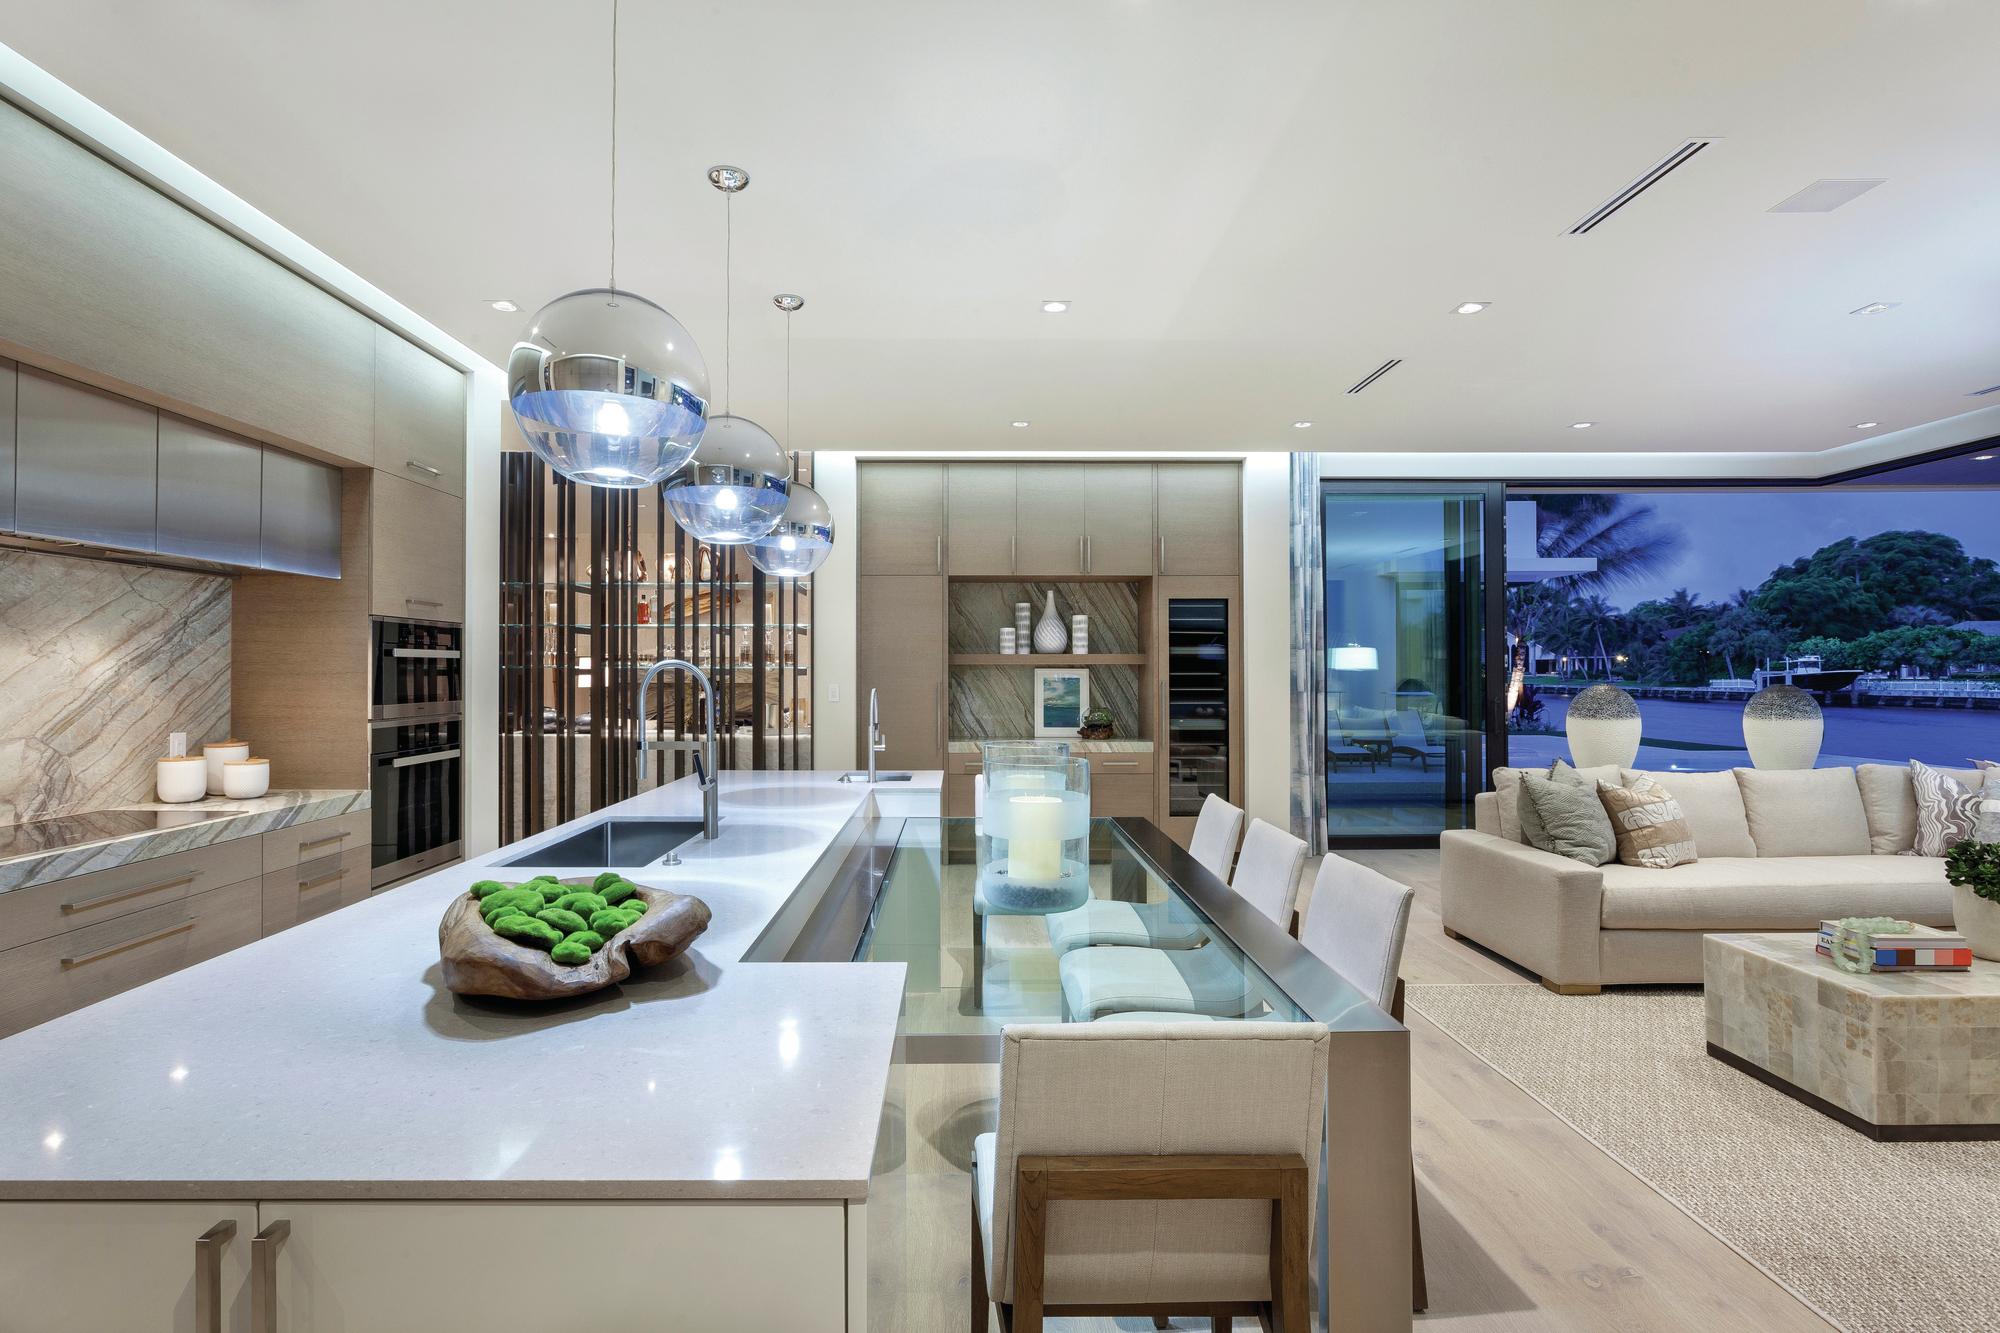 Kitchen Decor Trends 2017